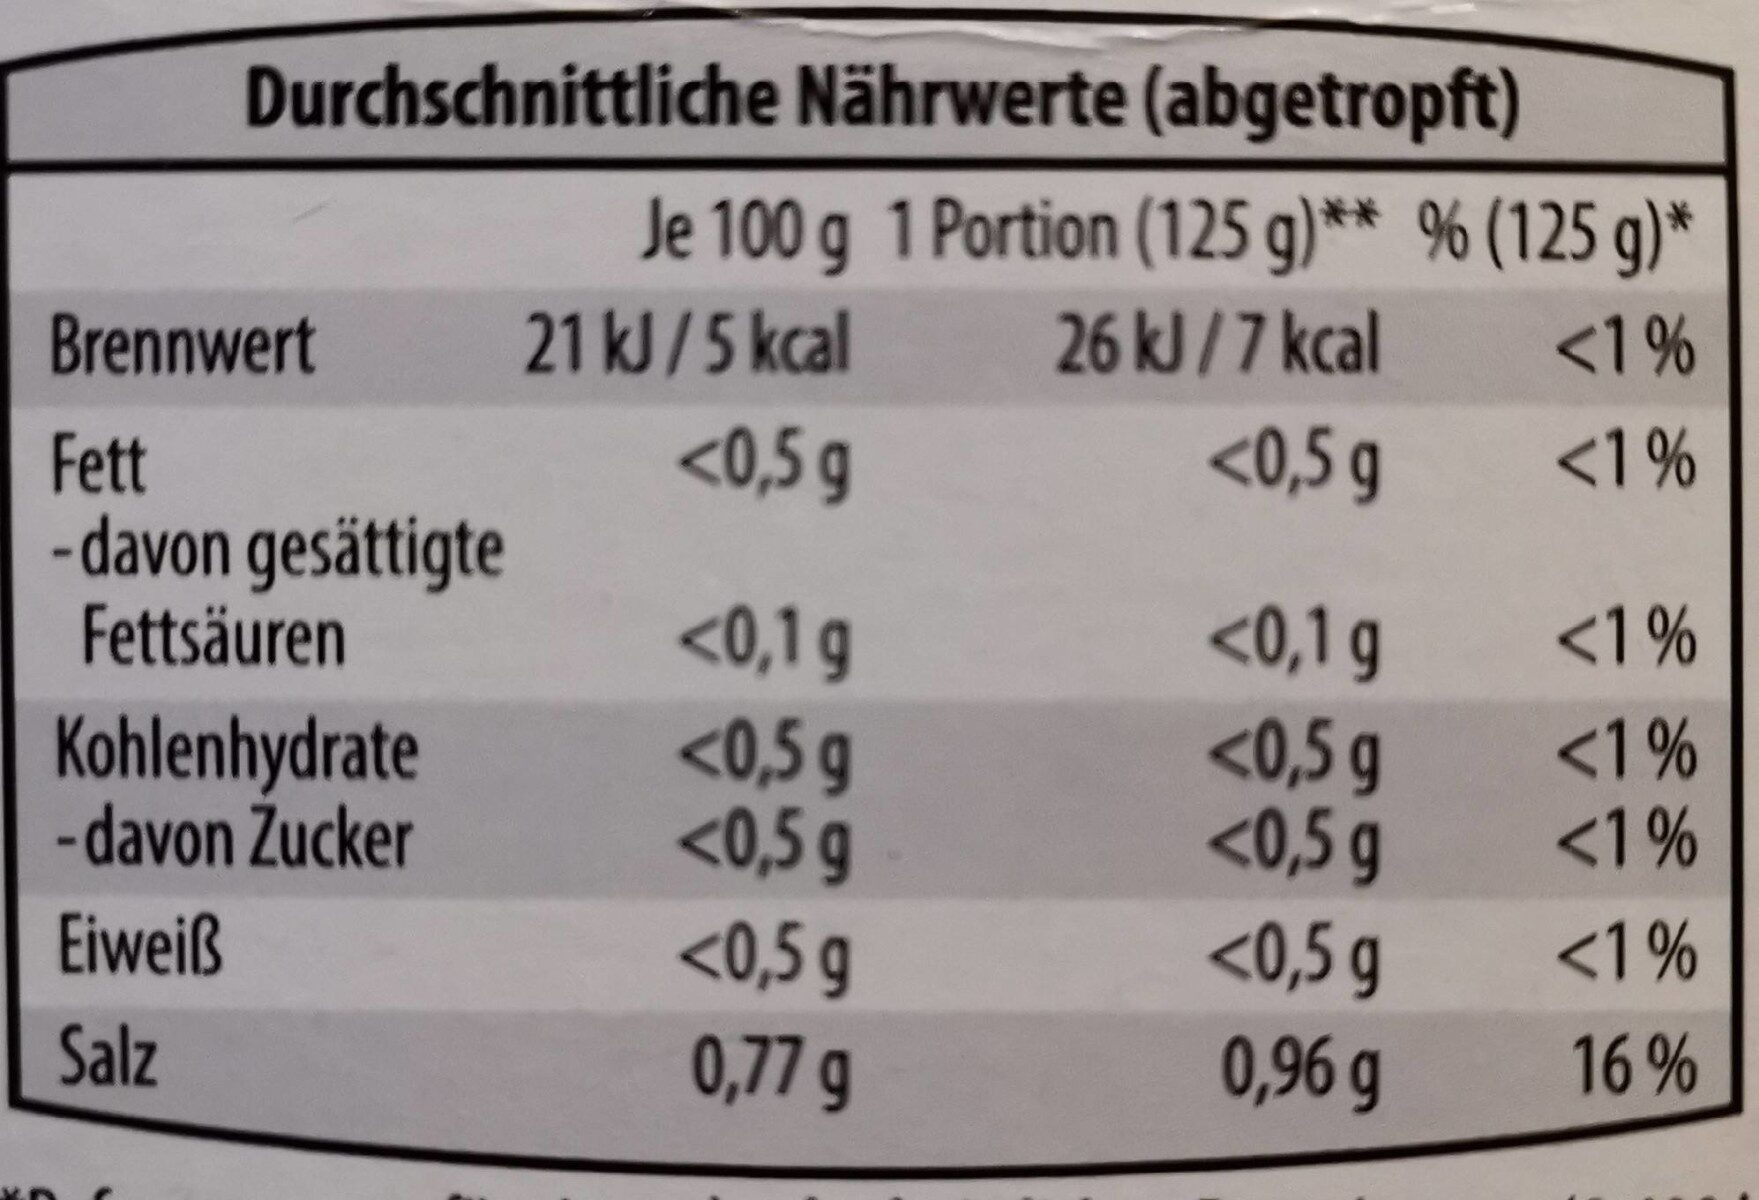 5-Kalorien-Nudeln - Nutrition facts - en